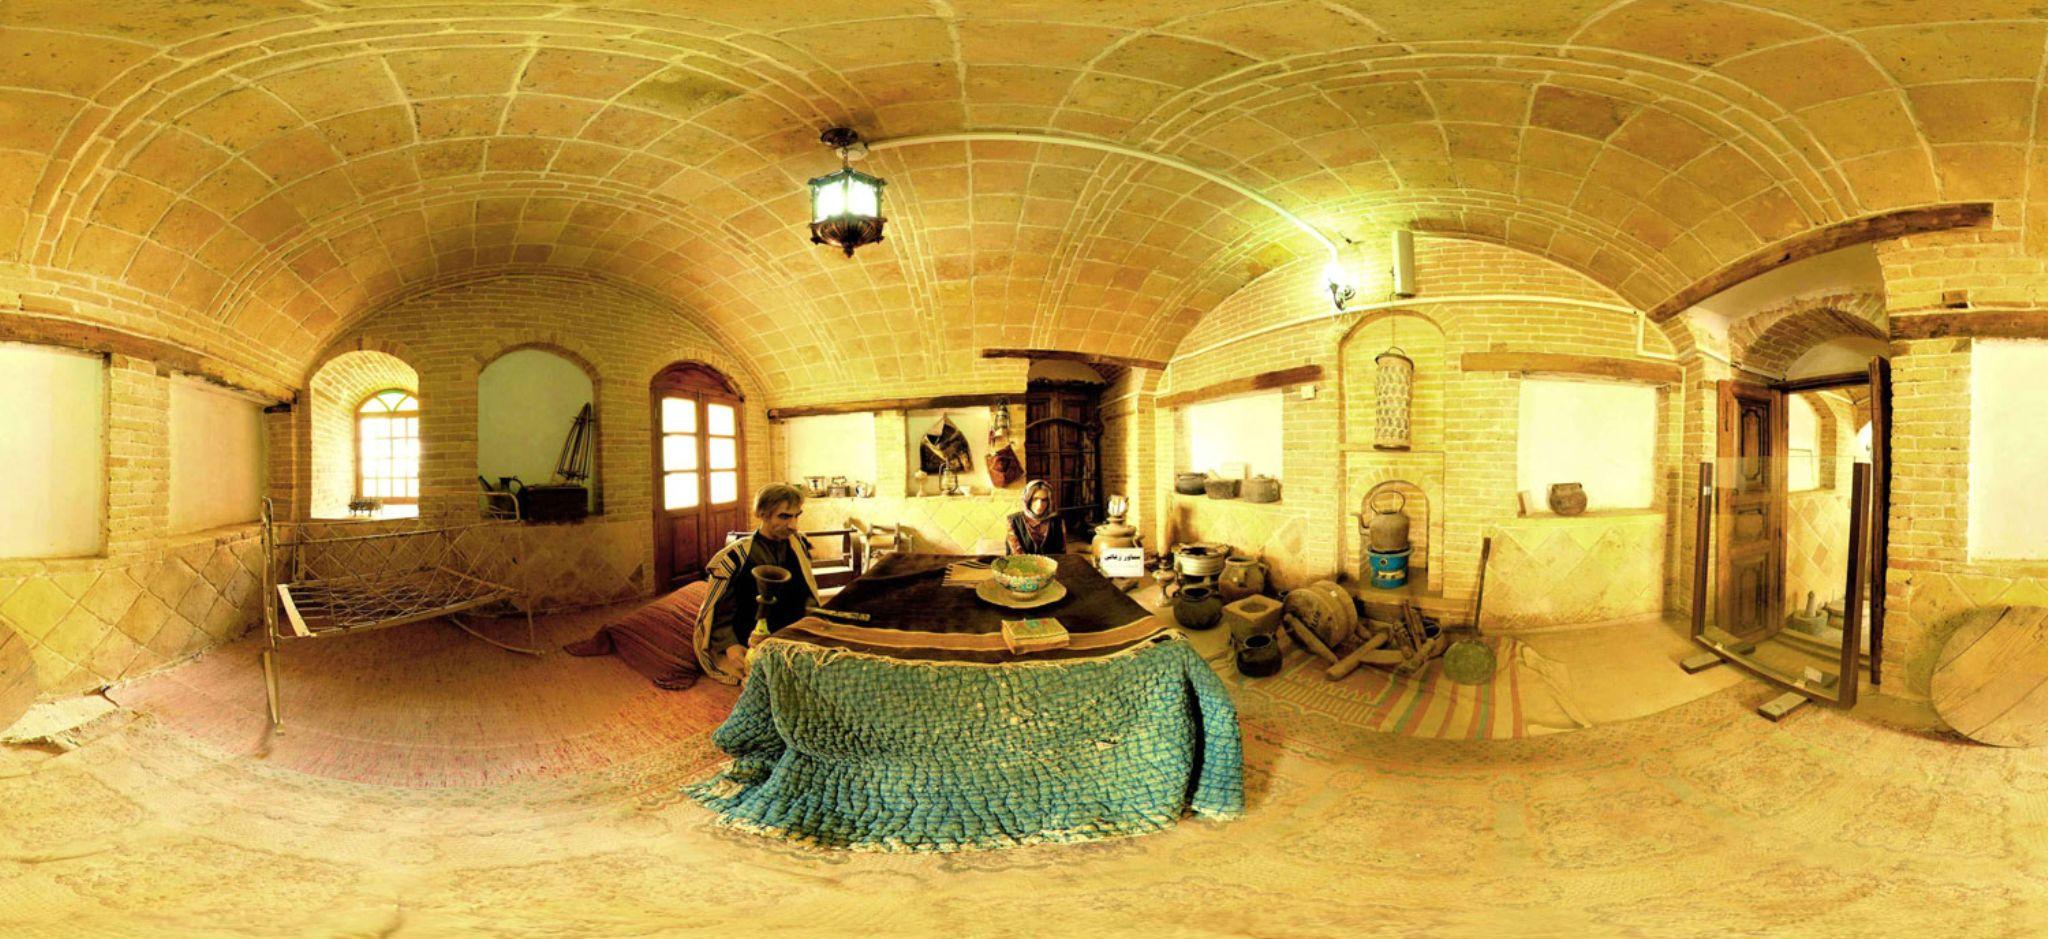 Lotfalian Museum malayer iran by moslem faghih